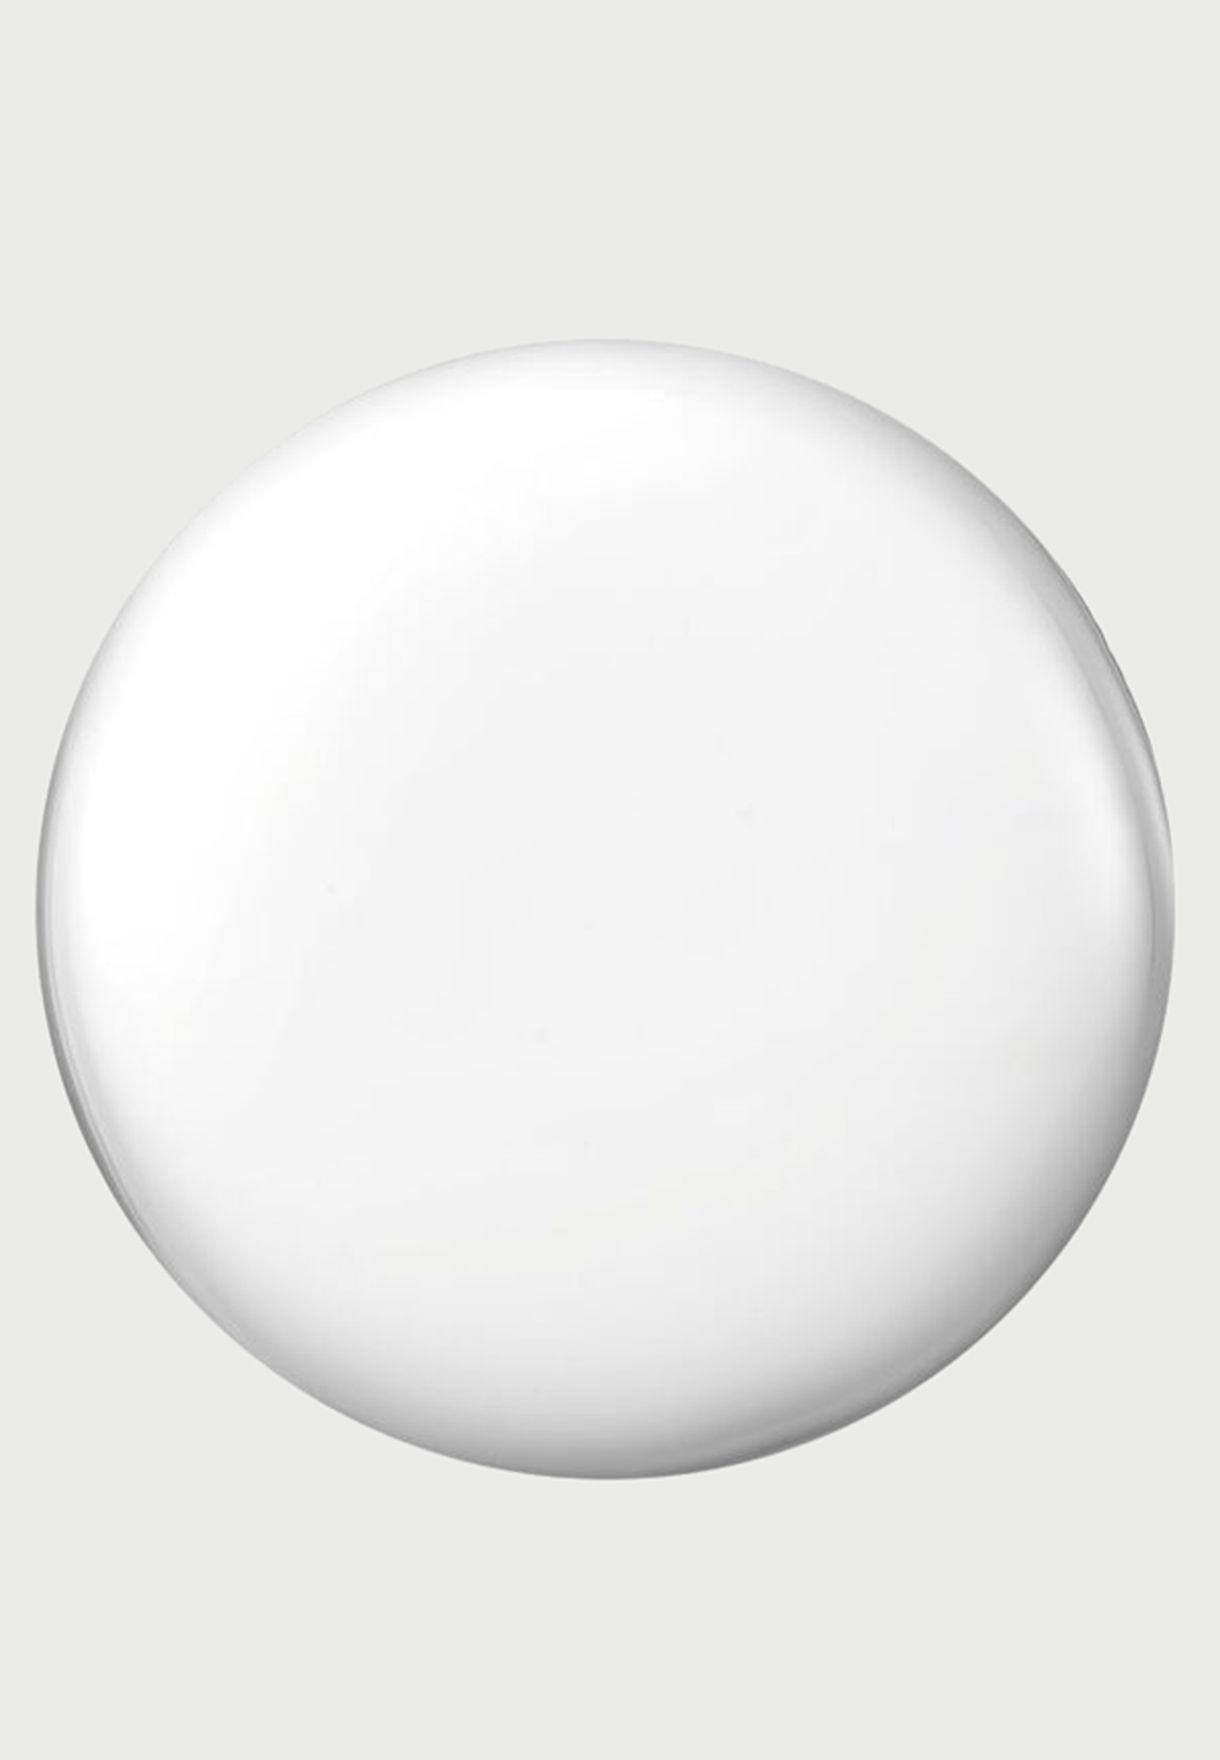 سيرم ريفلوشن لتنقية المسام والشوائب - 10٪ نياسيناميد + 1٪ زنك